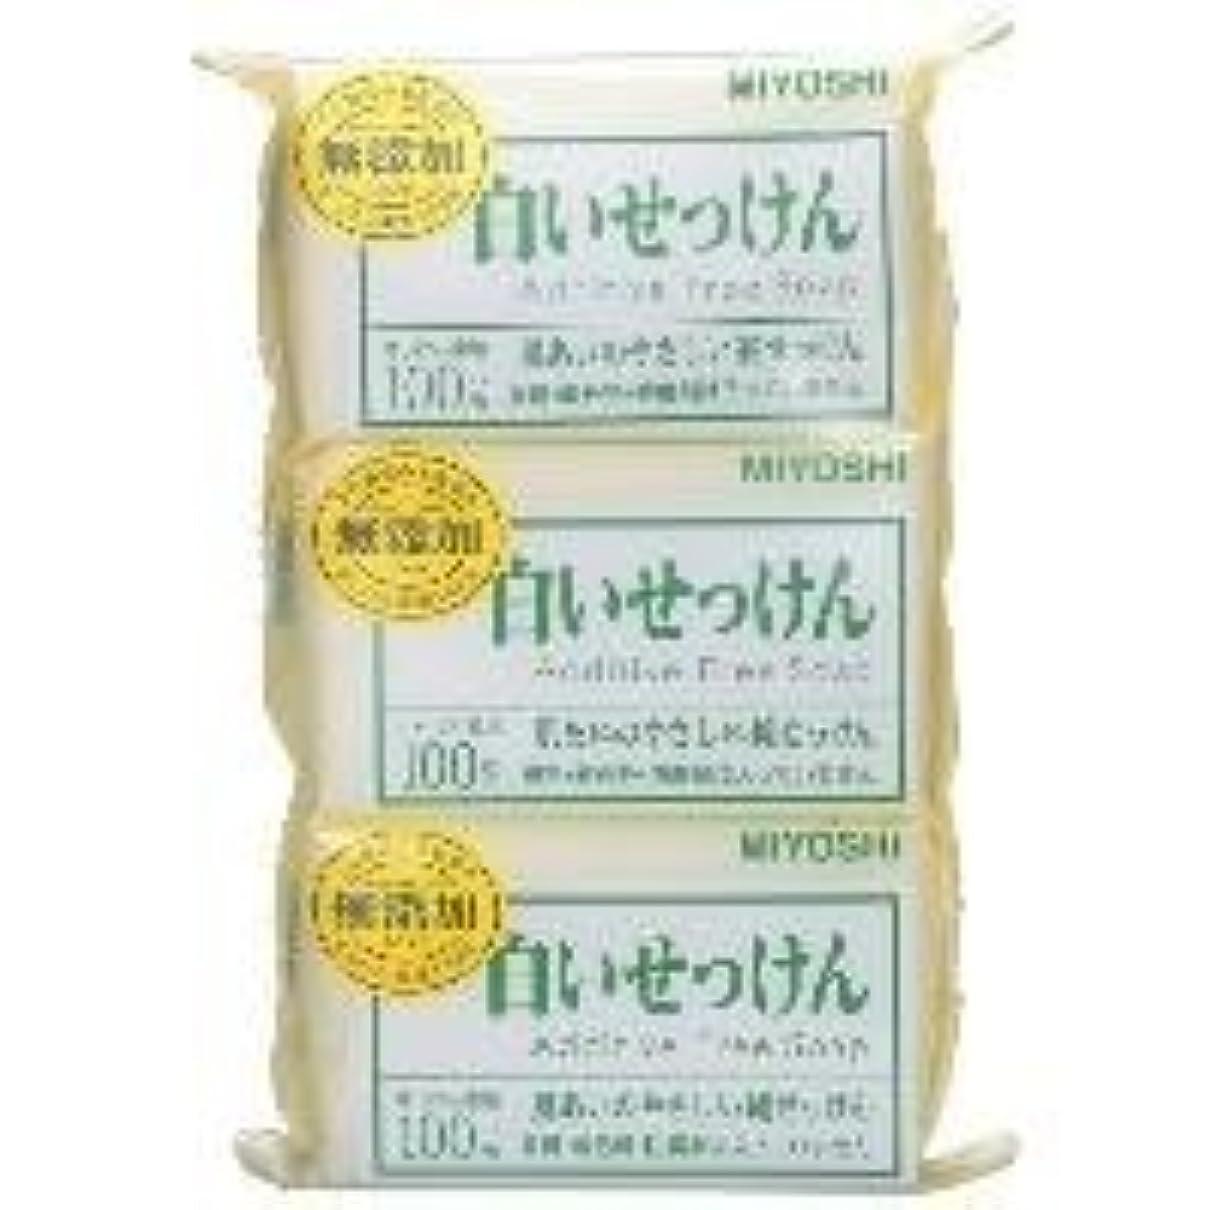 一般的に言えば先あなたは【MIYOSHI】無添加 白いせっけん 108g×3個入